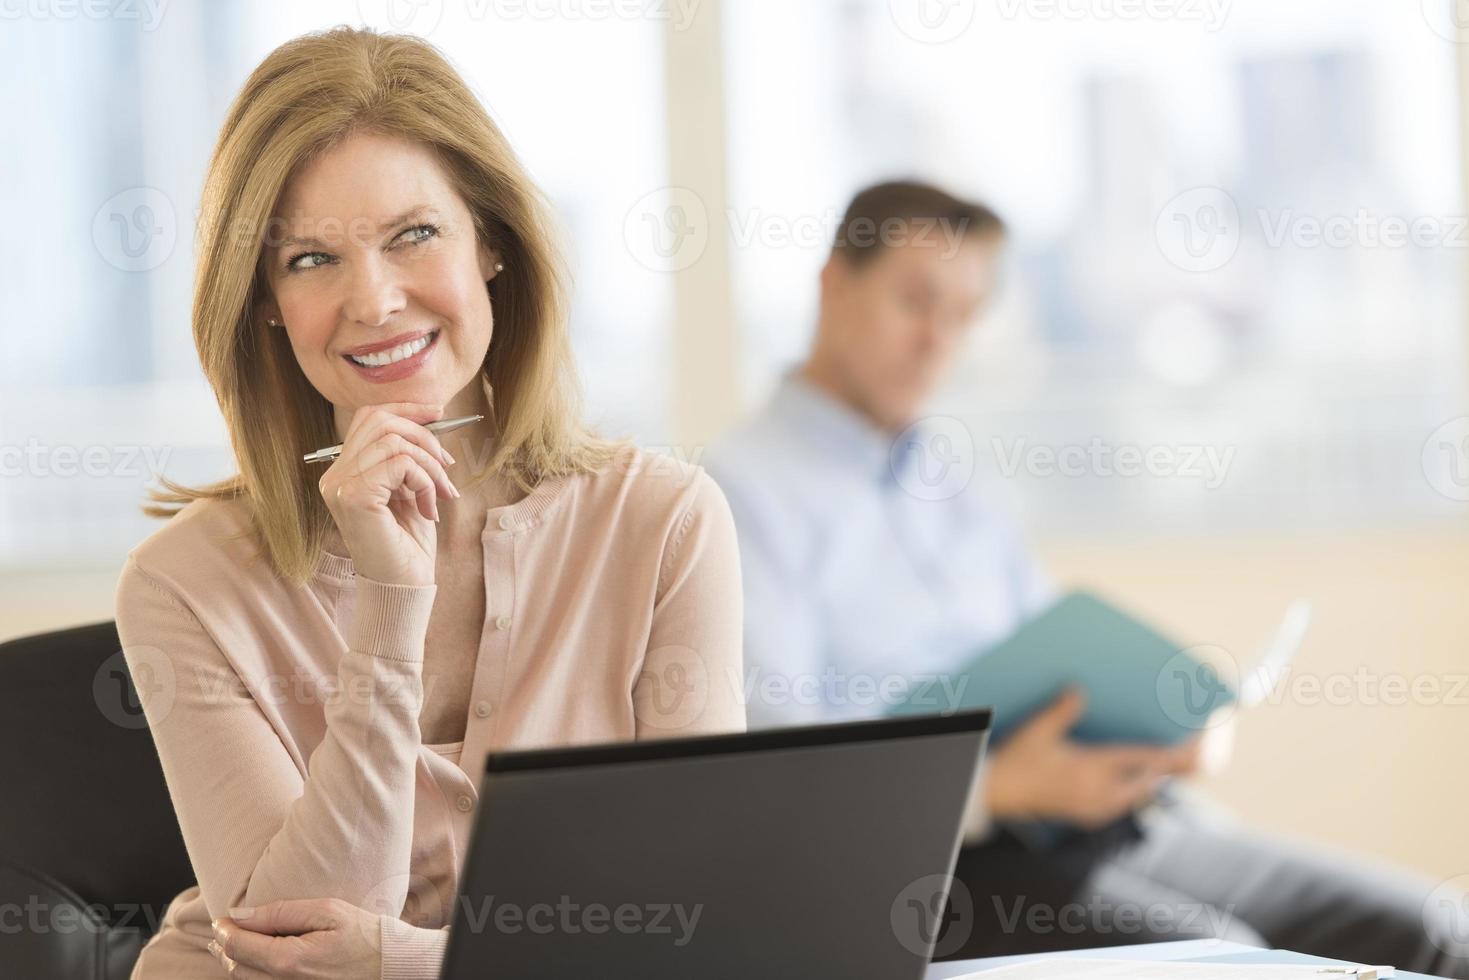 donna di affari premurosa che sorride nell'ufficio foto